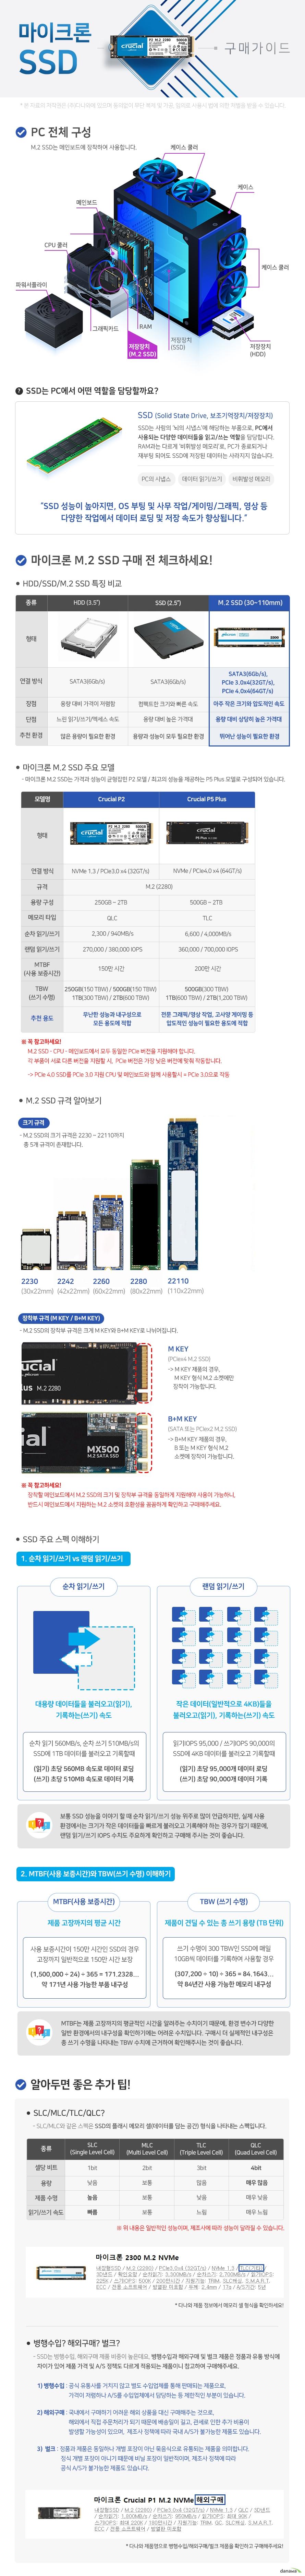 마이크론 MDOTTWO SSD 구매가이드 MDOTTOW SSD는 PC의 메인보드에 장착하여 사용합니다.  SSD는 PC에서 사용되는 다양한 데이터들을 읽고/쓰는 역할을 담당합니다. SSD 성능이 높아지면 OS 부팅 및 사무작업 게이밍 그래픽 영상 등 다양한 작업에서 데이터 로딩 및 저장 속도가 향상됩니다.  MDOTTWO SSD 장점 아주 작은 크기와 압도적인 속도 단점 용량 대비 상당히 높은 가격대 추천 환경 뛰어난 성능이 필요한 환경  마이크론 MDOTTWO SSD 주요 모델  크루셜 P2는 무난한 성능과 내구성으로 모든 용도에 적합합니다.  크루설 P5 플러스는 전문 그래픽 및 영상 작업과 고사양 게이밍 등 압도적인 성능이 필요한 용도에 적합합니다.